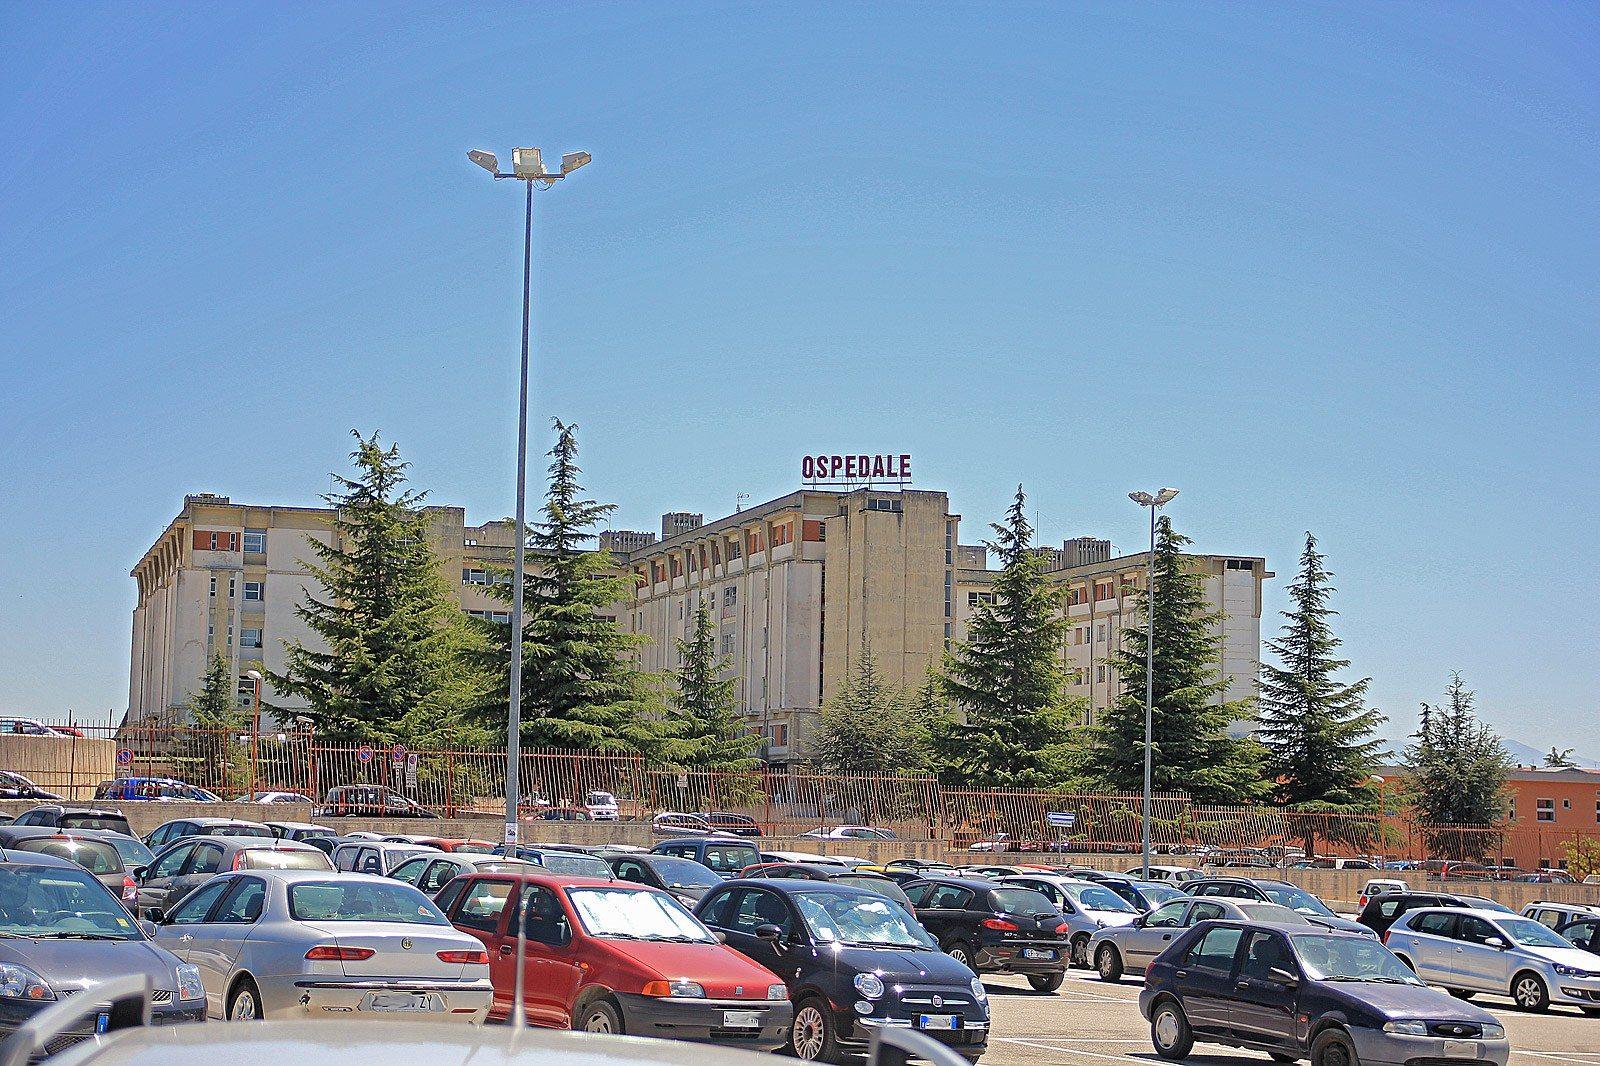 Risultati immagini per parcheggio ospedale di avezzano foto